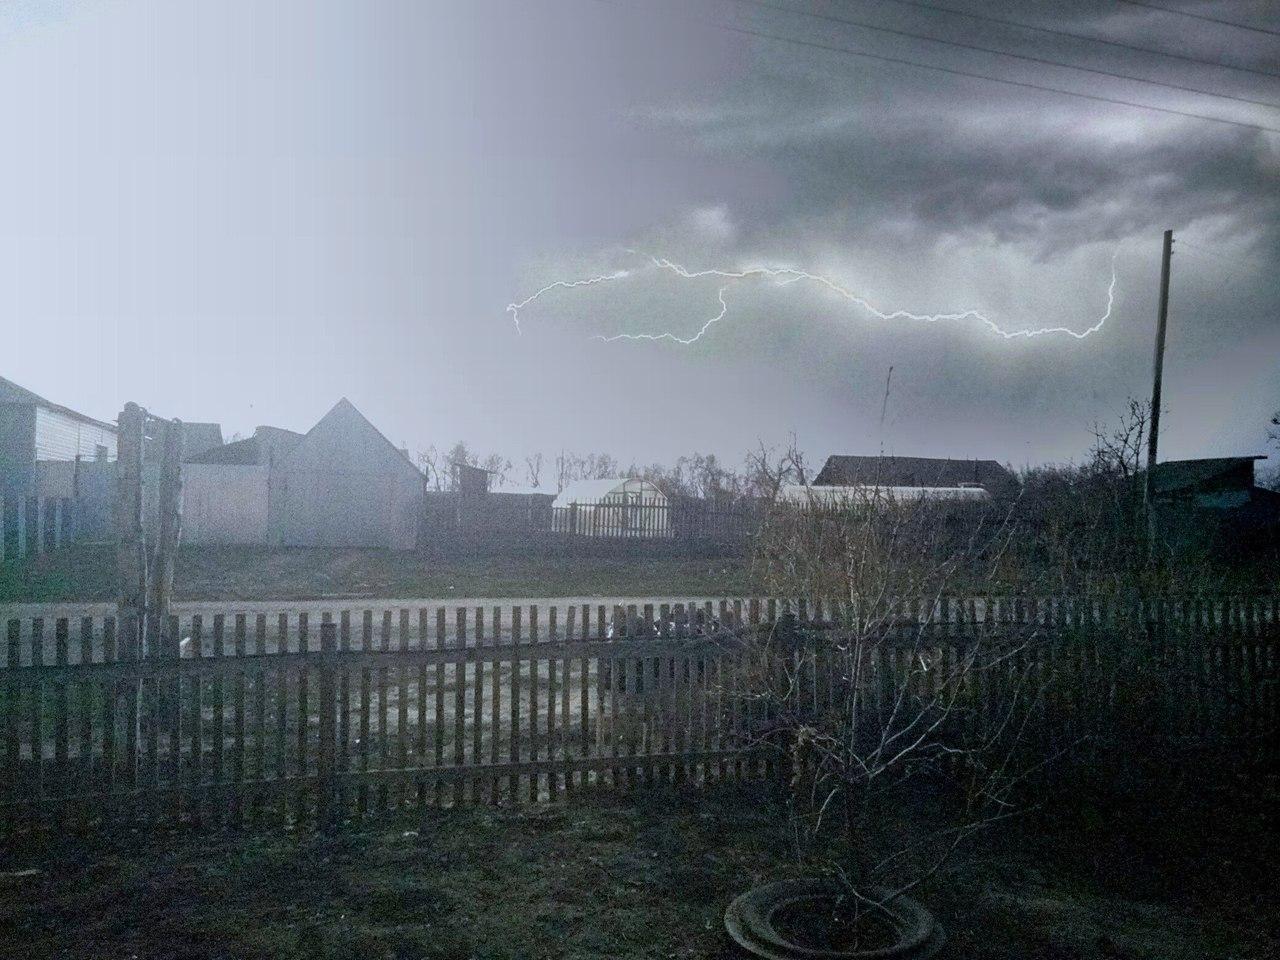 В Омскую область придет похолодание, гроза и мощный ветер #Омск #Общество #Сегодня